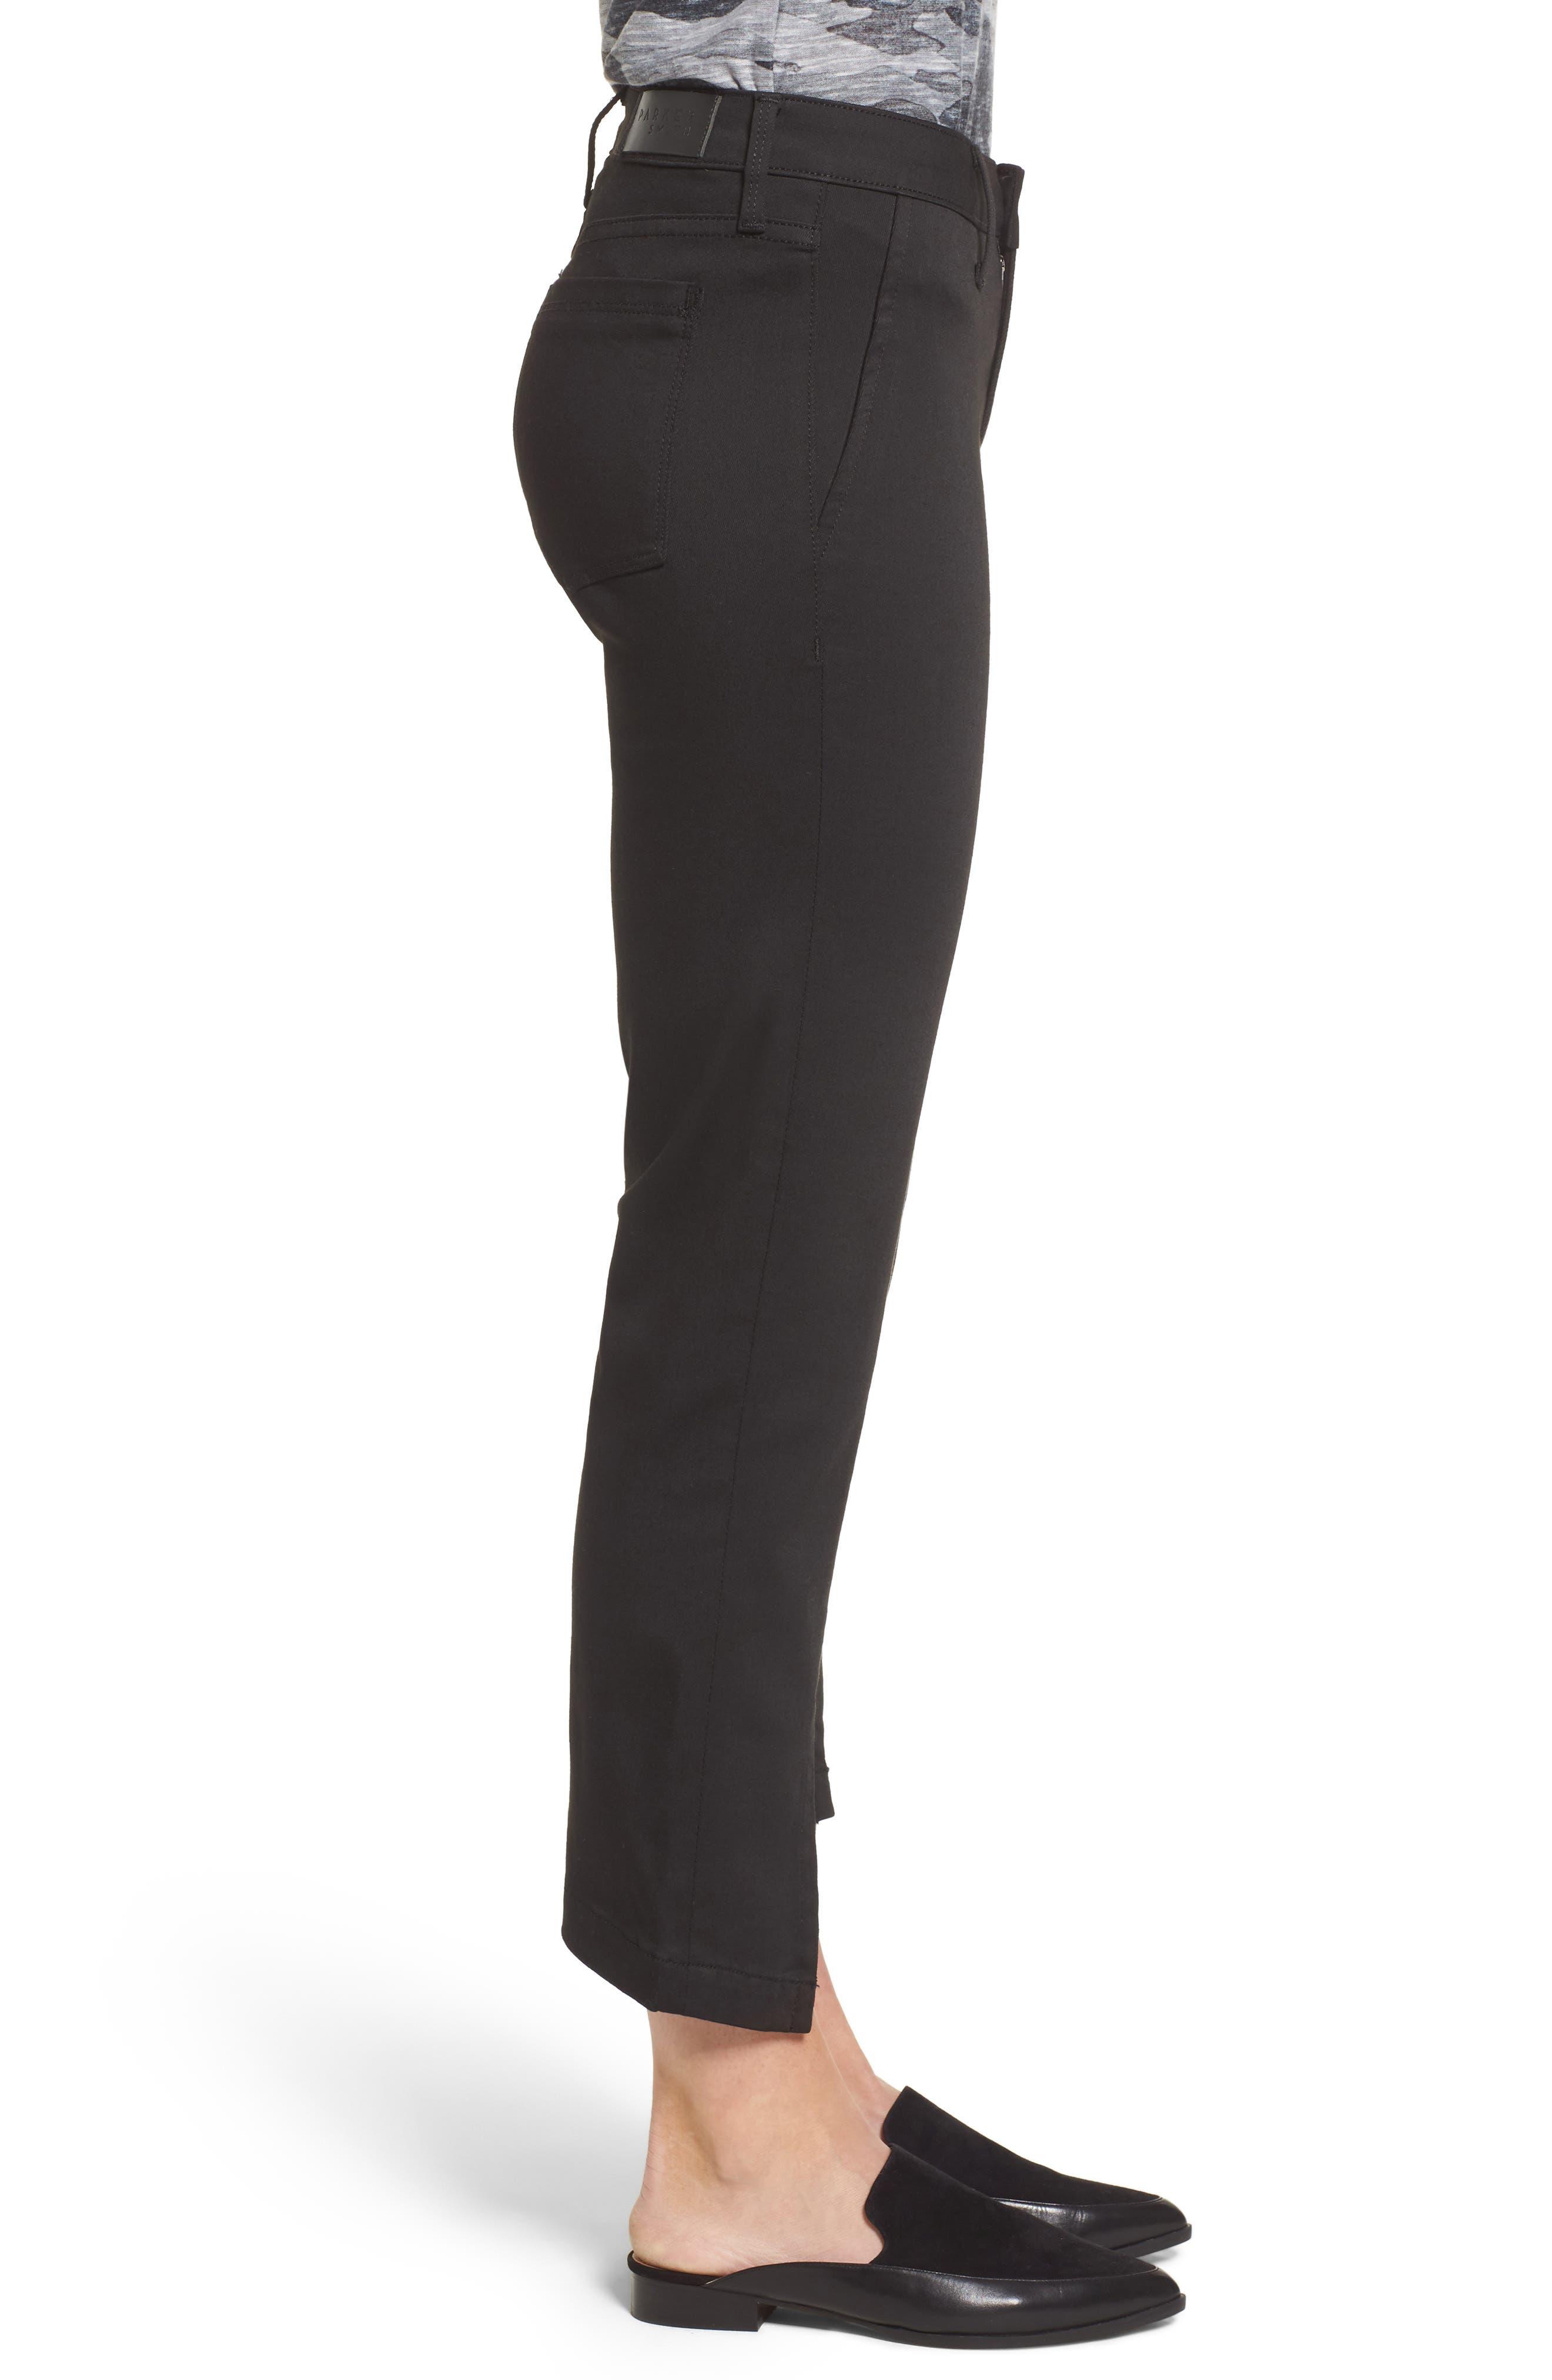 PARKER Novak Slit Hem Trouser Jeans,                             Alternate thumbnail 3, color,                             Eternal Black